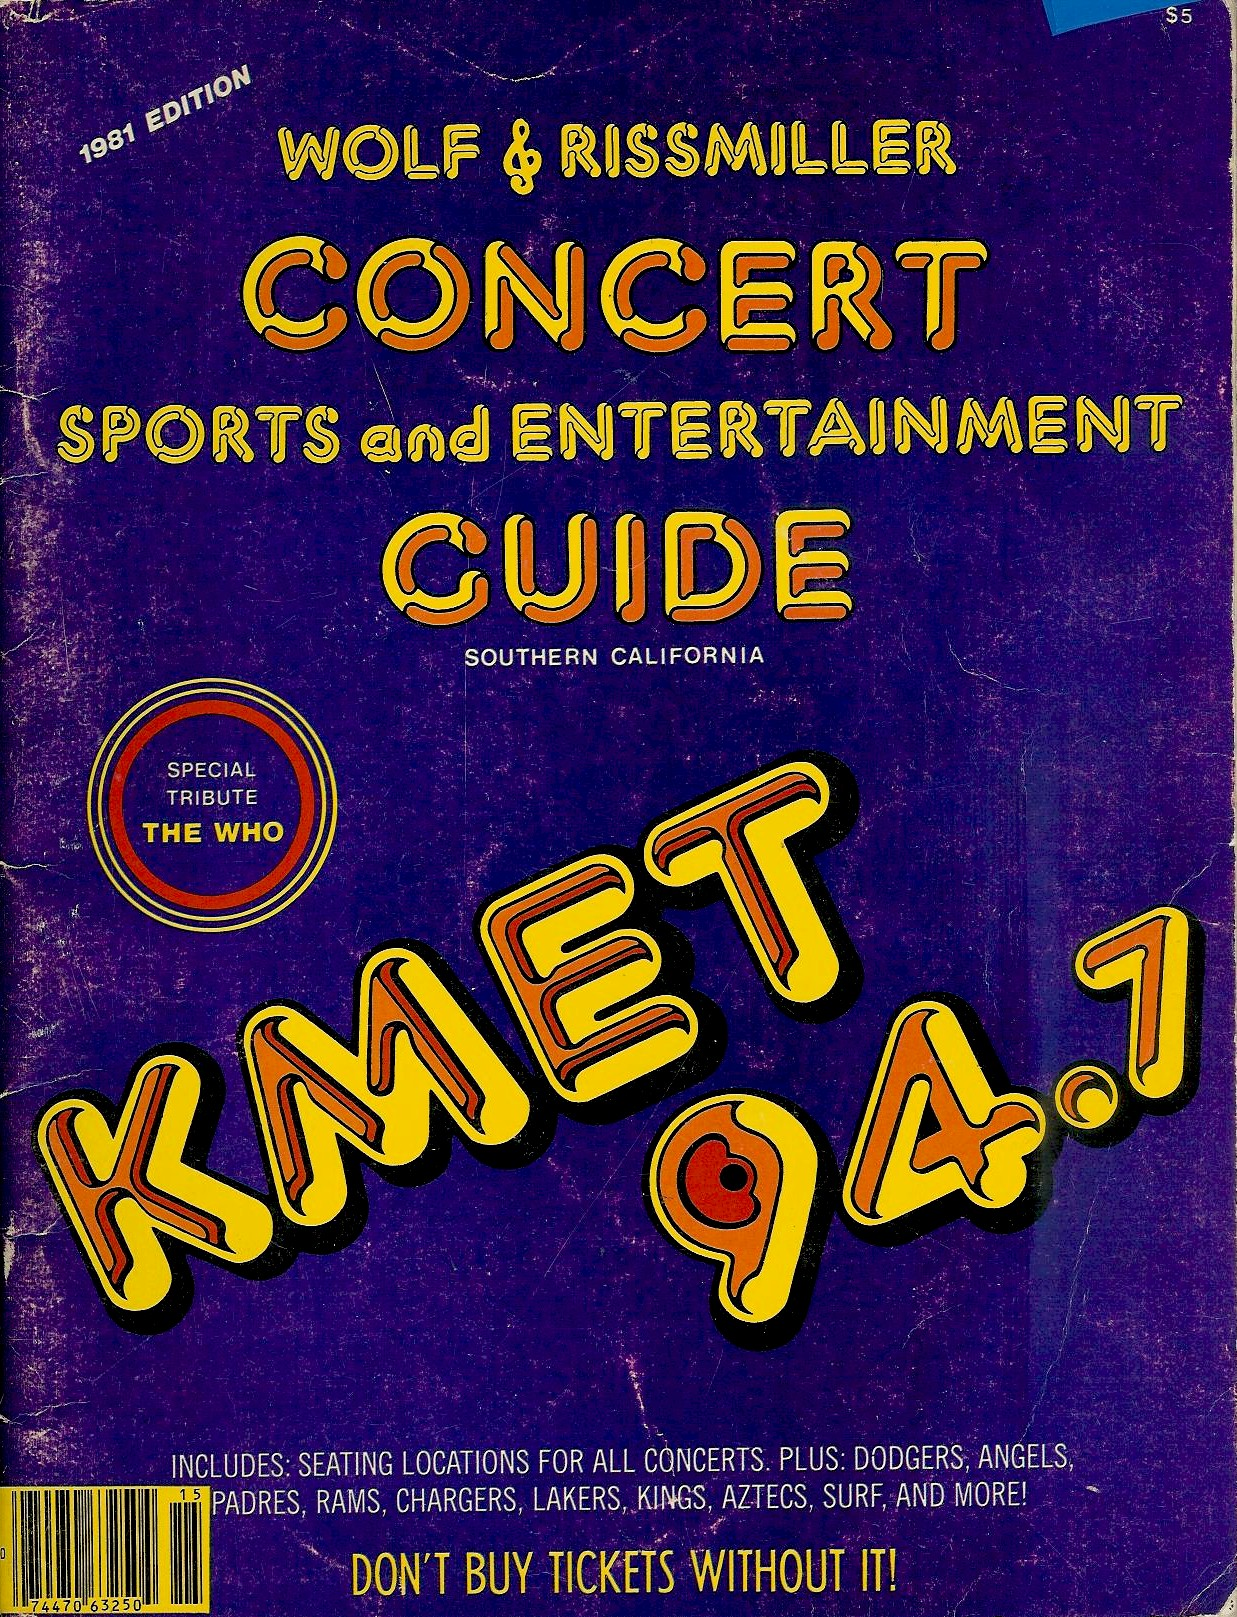 KMET Concert Guide #1